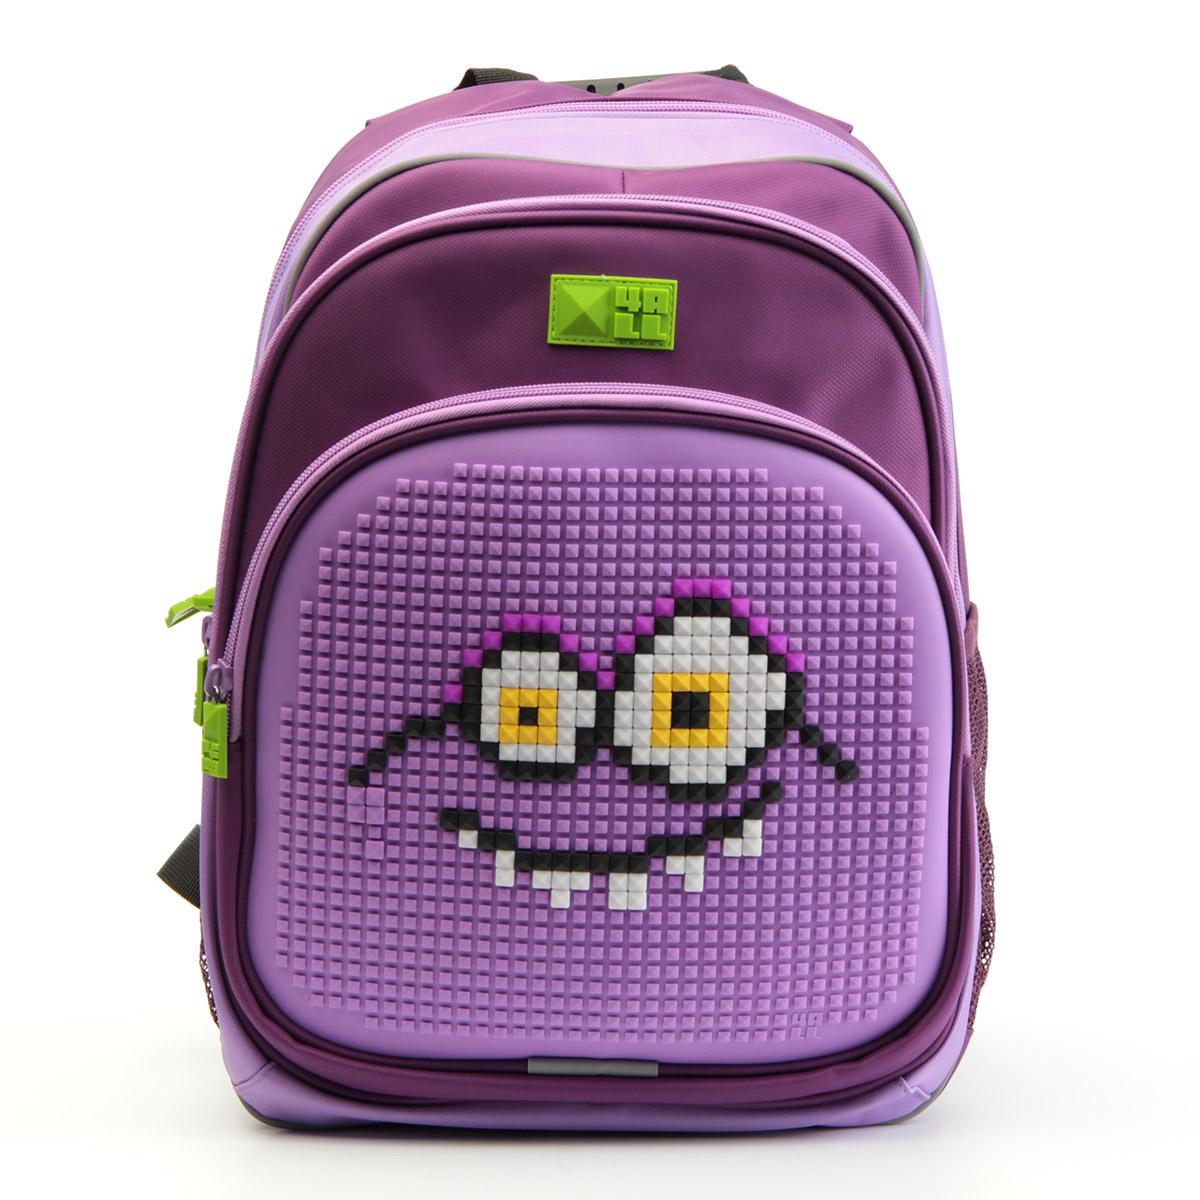 4ALL Рюкзак для девочек Kids цвет фиолетовый сиреневыйRK61-08NРюкзак бренда 4ALL - это одновременно яркий, функциональный школьный аксессуар и площадка для самовыражения. Заботясь о Вашем комфорте, удобстве и творческом развитии Ваших детей, мы создали уникальные рюкзаки KIDS с силиконовой панелью и разноцветные мозаичные БИТЫ с помощью которых на рюкзаке можно создавать графические шедевры хоть каждый день! Особенности: AIR COMFORT system: - Система свободной циркуляции воздуха между задней стенкой рюкзака и спиной ребенка. ERGO system: - Разработанная нами система ERGO служит равномерному распределению нагрузки на спину ребенка. Она способна сделать рюкзак, наполненный учебниками, легким. ERGO служит сохранению правильной осанки и заботится о здоровье позвоночника! Ортопедическая спина: - Важное свойство наших рюкзаков - ортопедическая спина! Способна как корсет поддерживать позвоночник, правильно распределяя нагрузку. А также: - Гипоаллергенный силикон; - Водоотталкивающие материалы; - Устойчивость всех материалов к температурам воздуха...